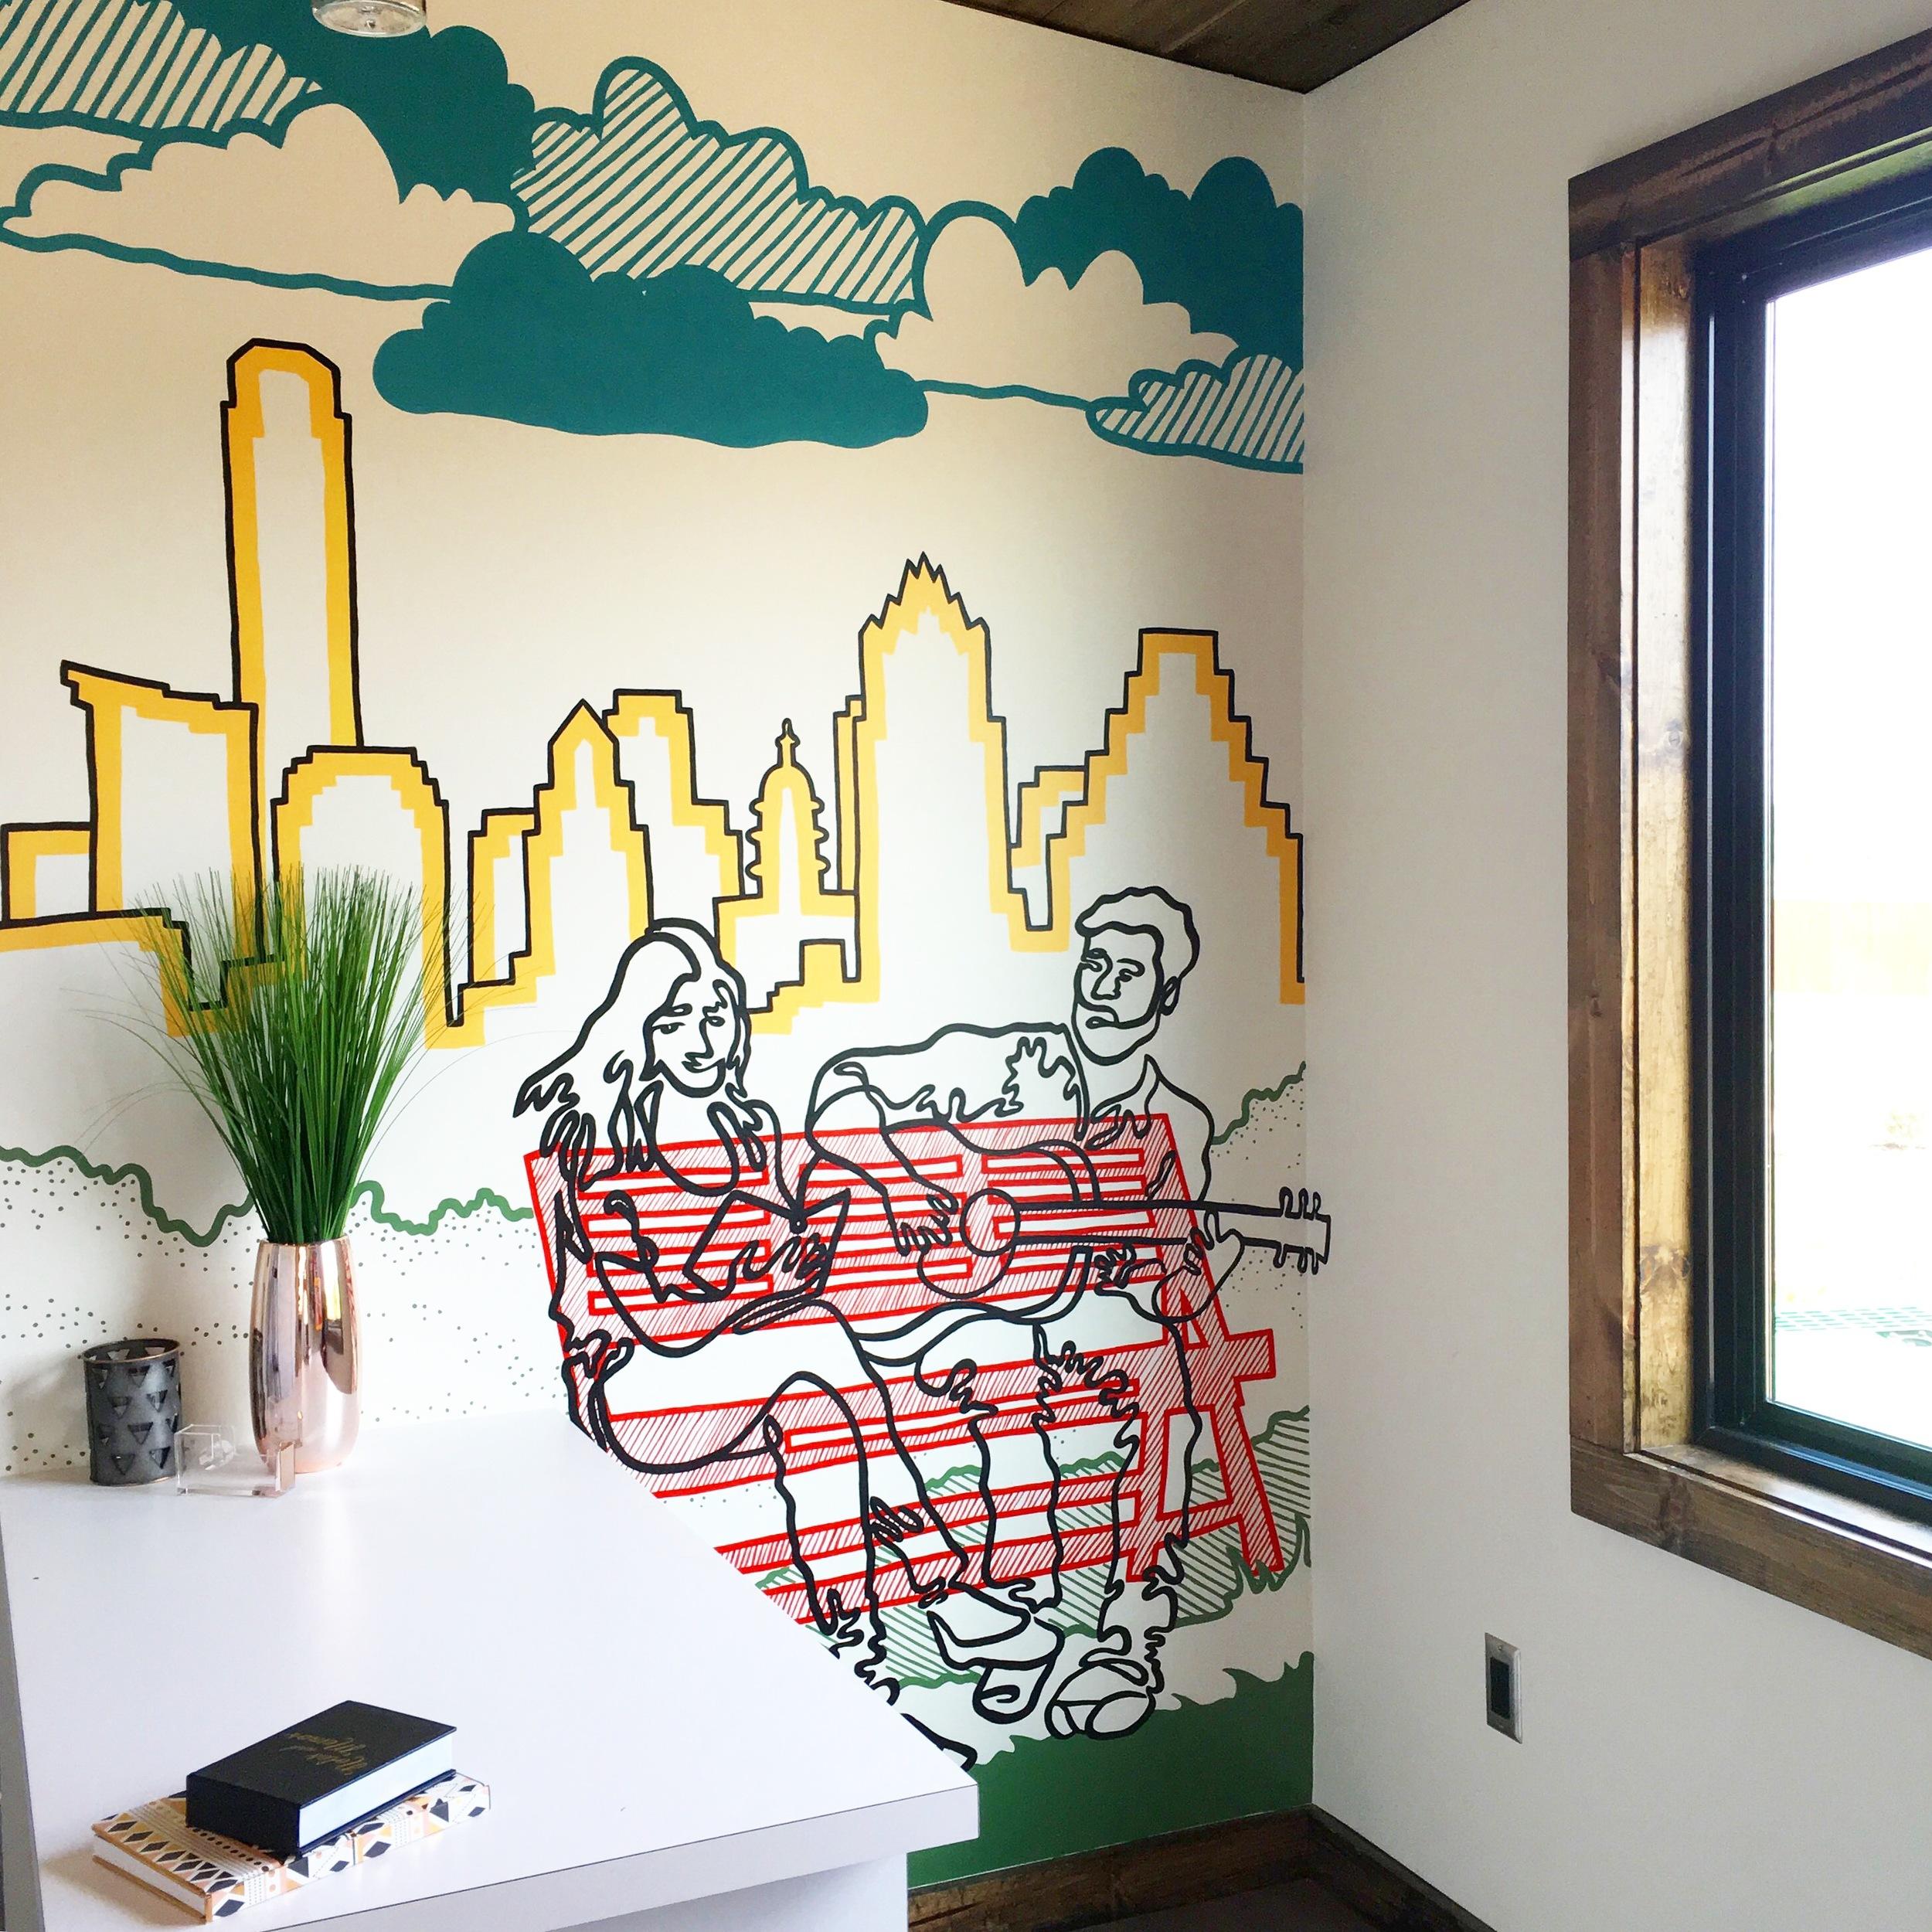 Easton Park Office Mural, Austin